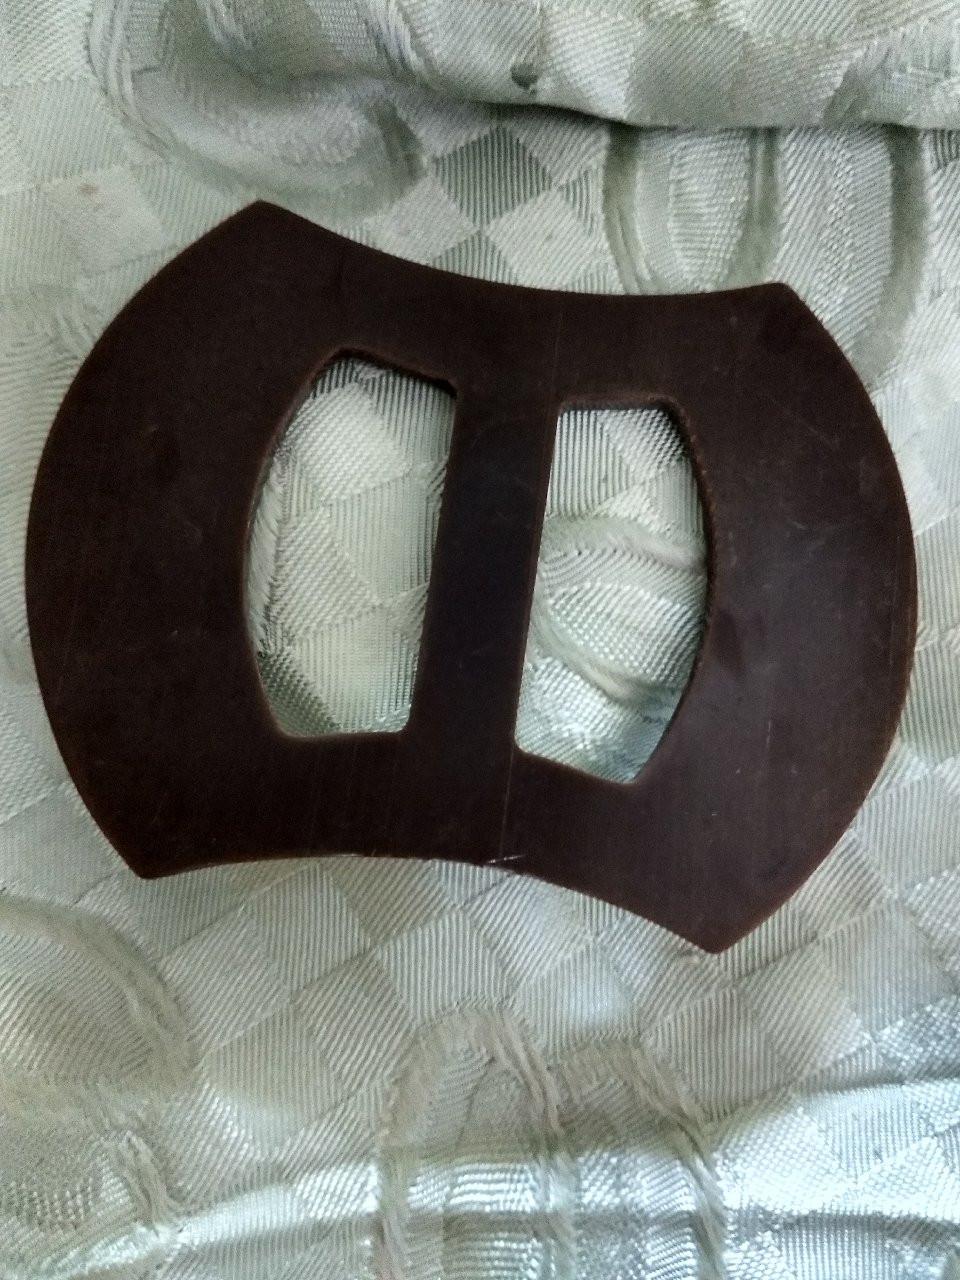 Brown Buckle Dress Slide Vintage 1930s 1940s Belt Accent